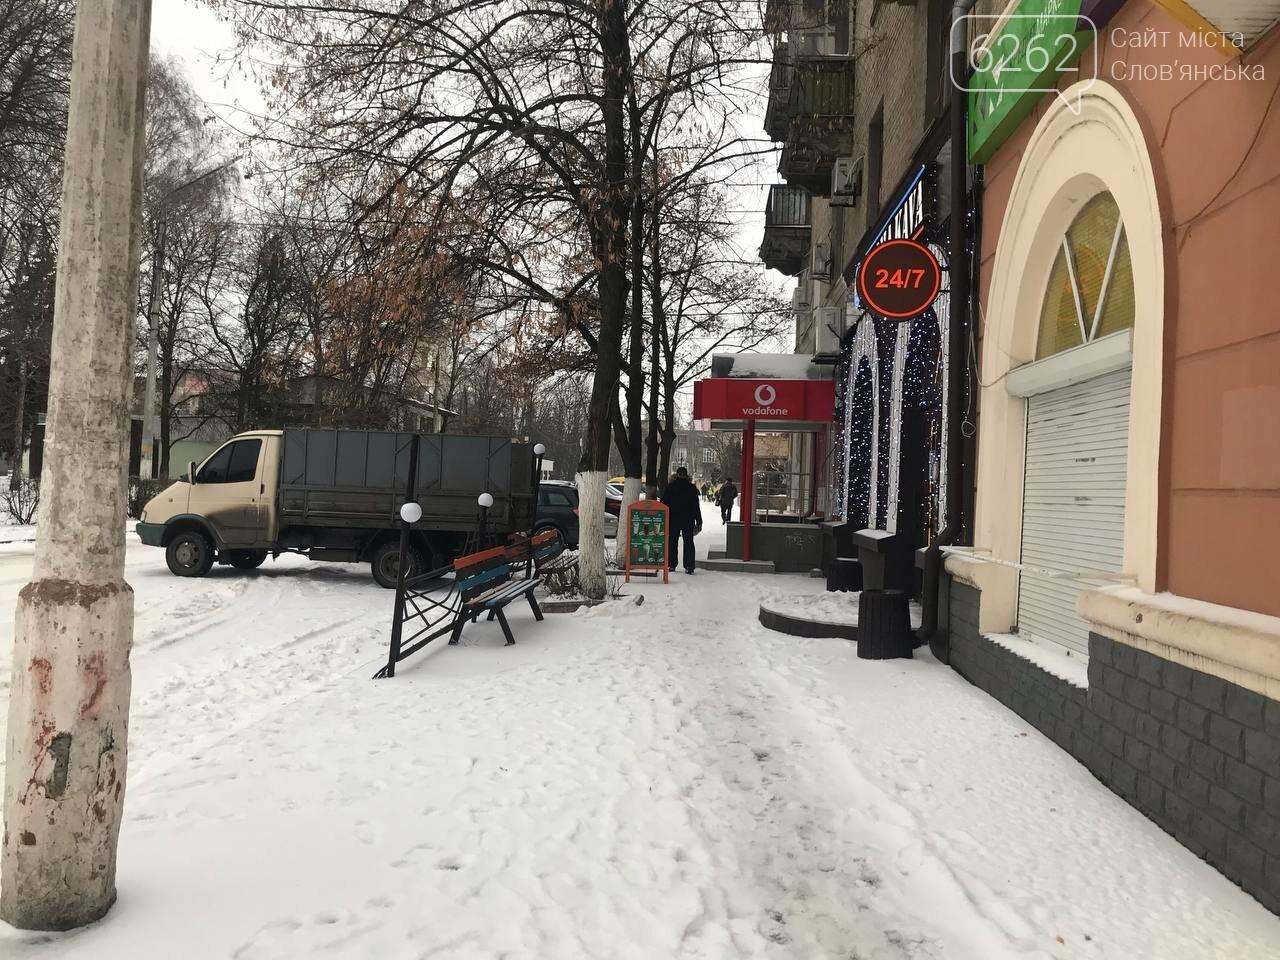 Засніжений Слов'янськ. Фоторепортаж з вулиць міста , фото-21